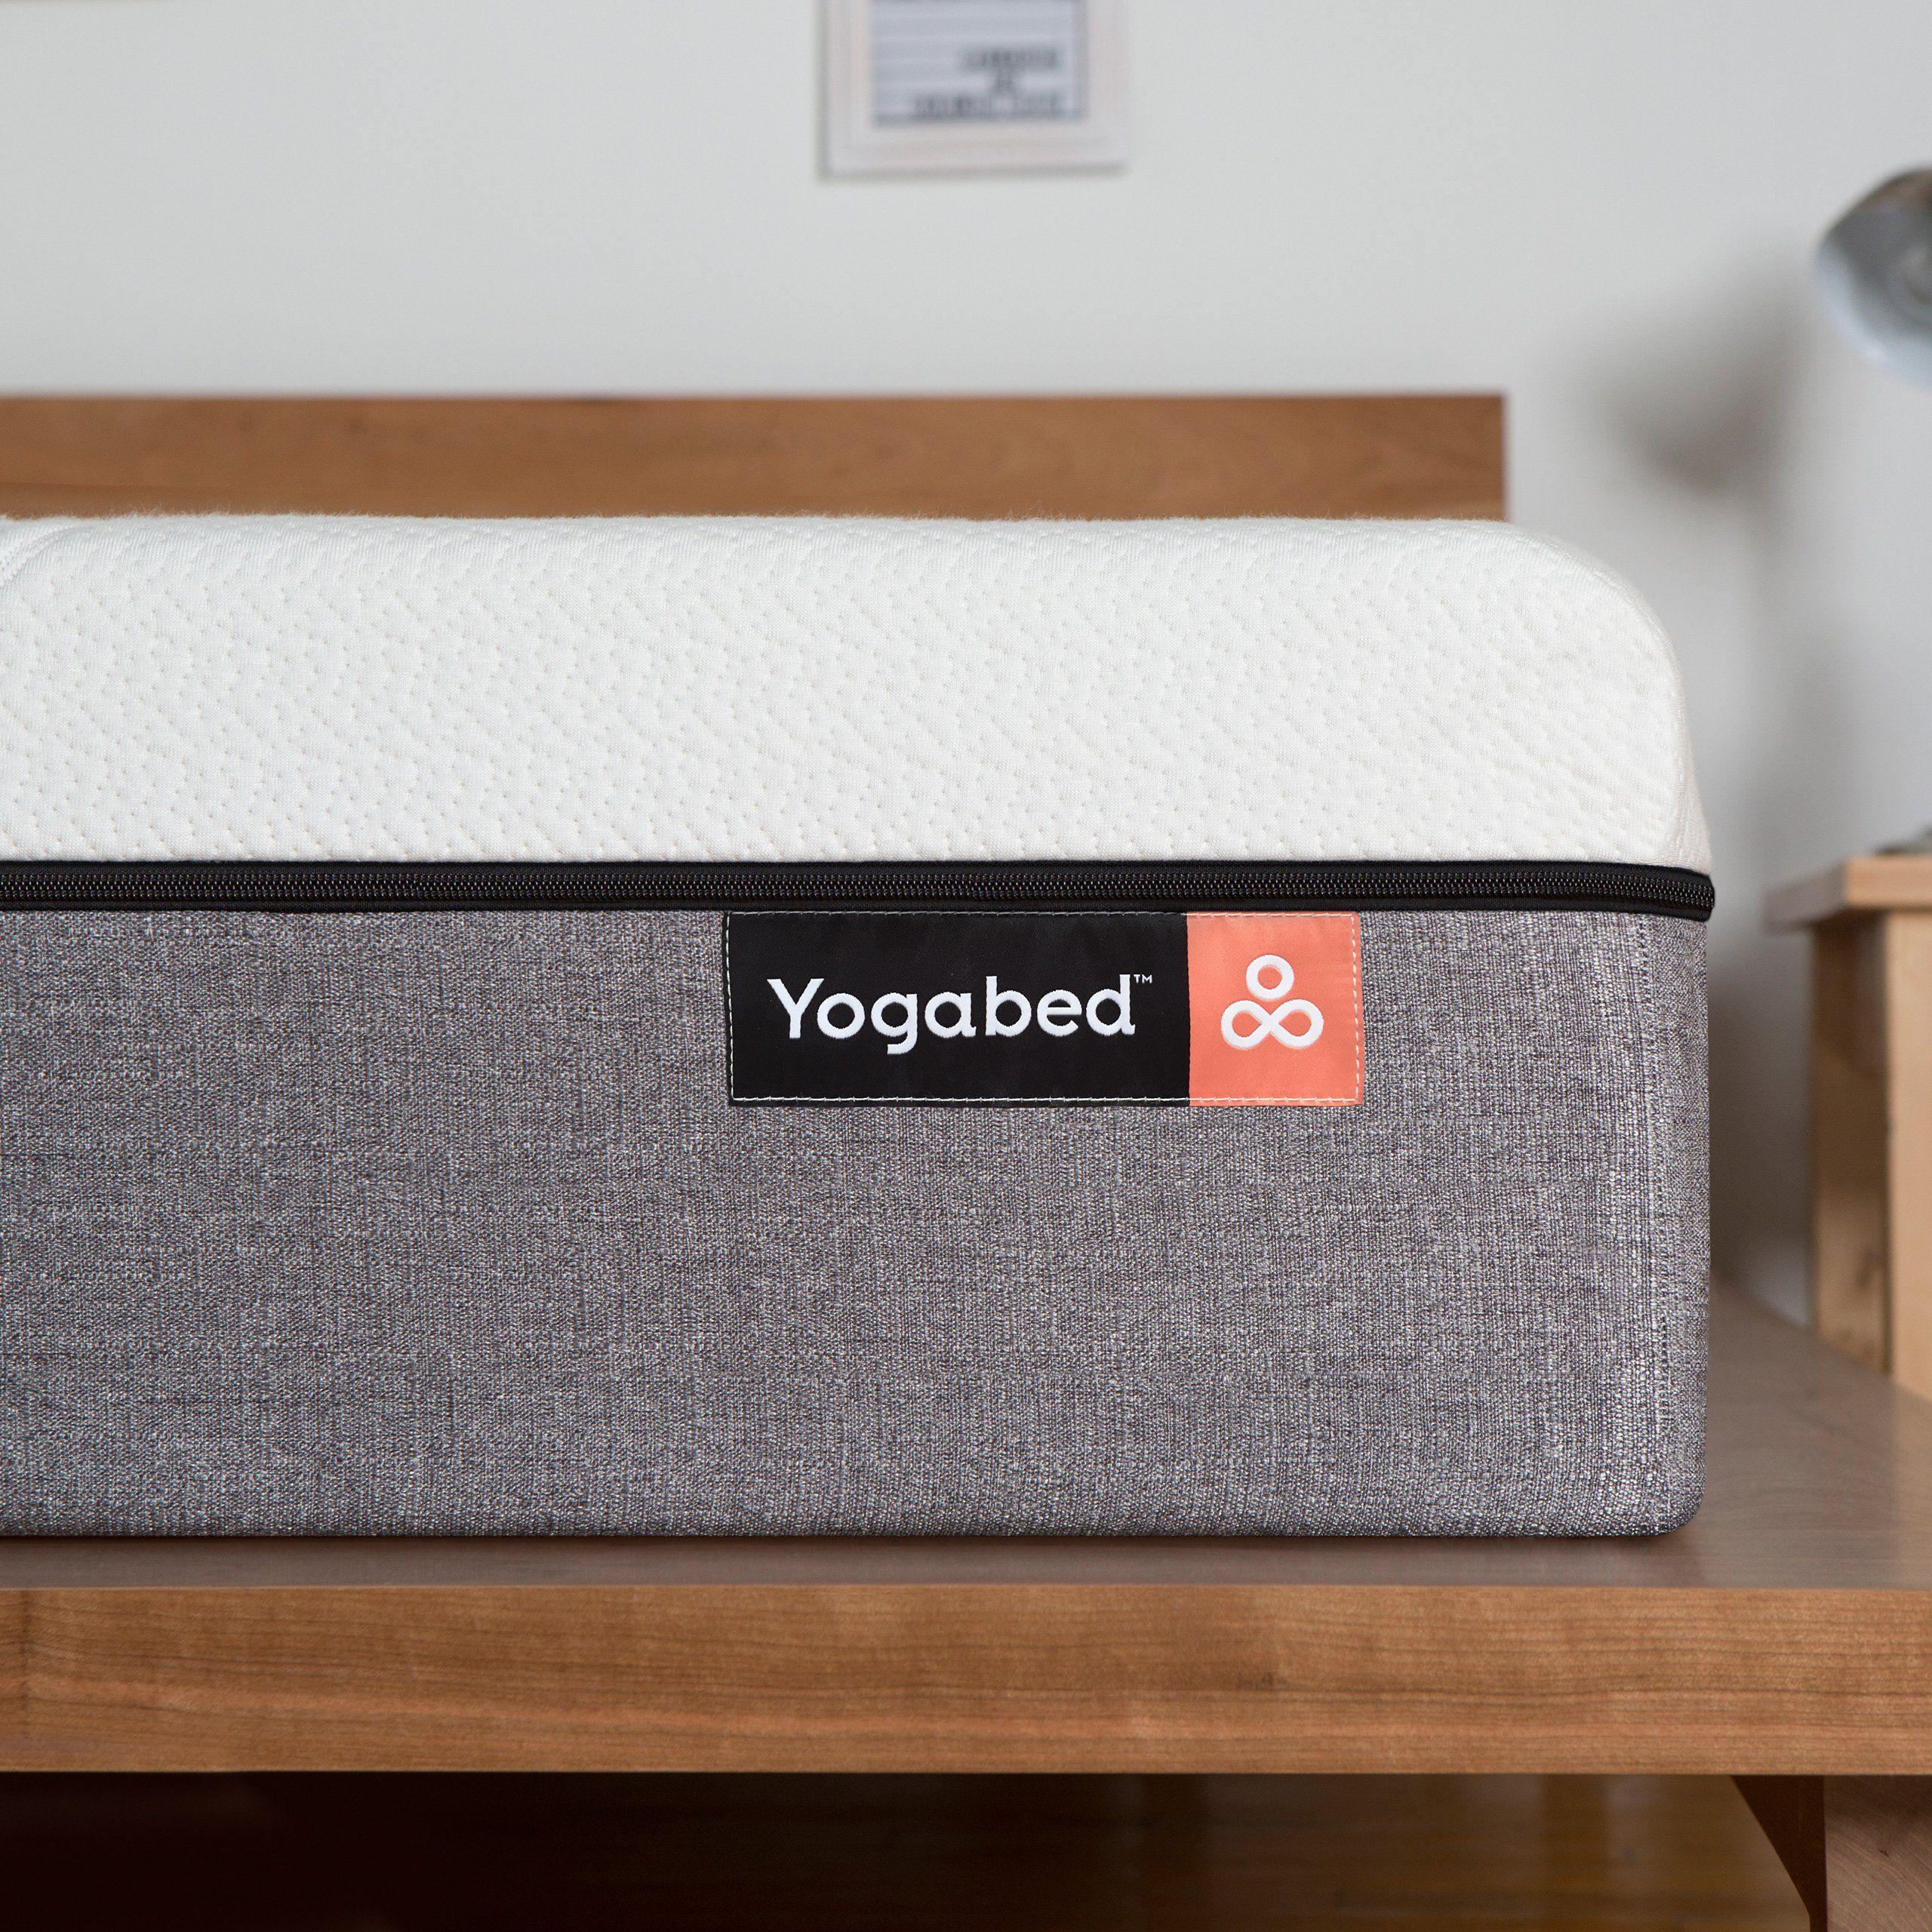 yogabed luxury memory foam mattress plus 1 memory foam pillow twin